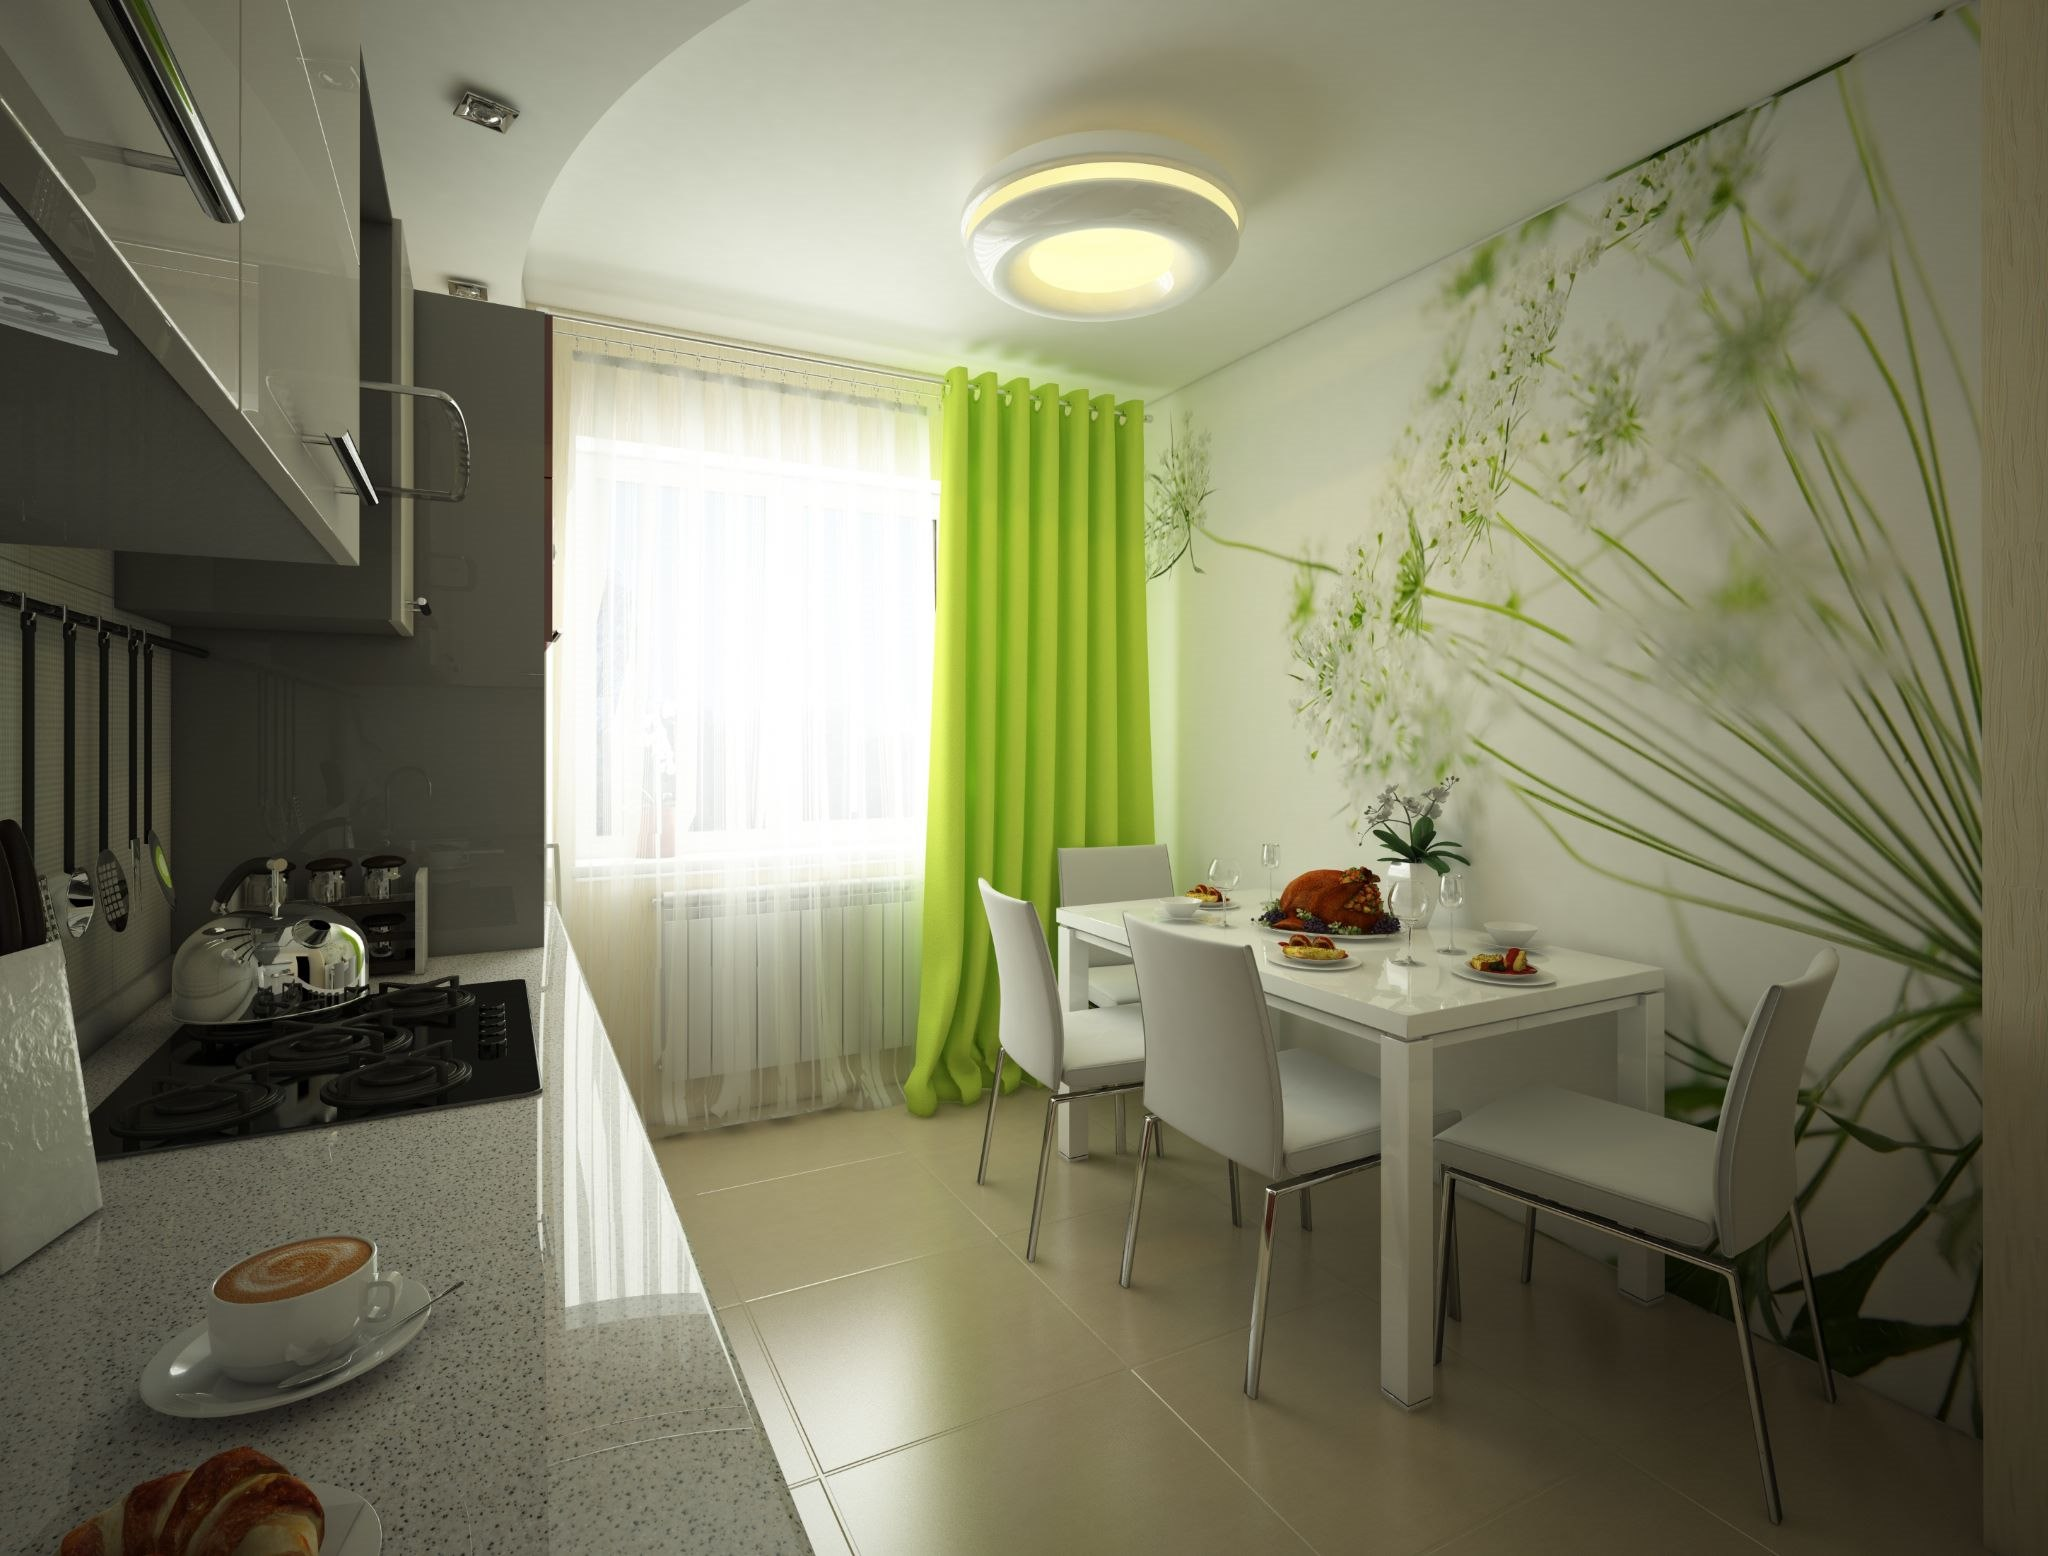 Дизайн и интерьер кухни 10 кв.м фото